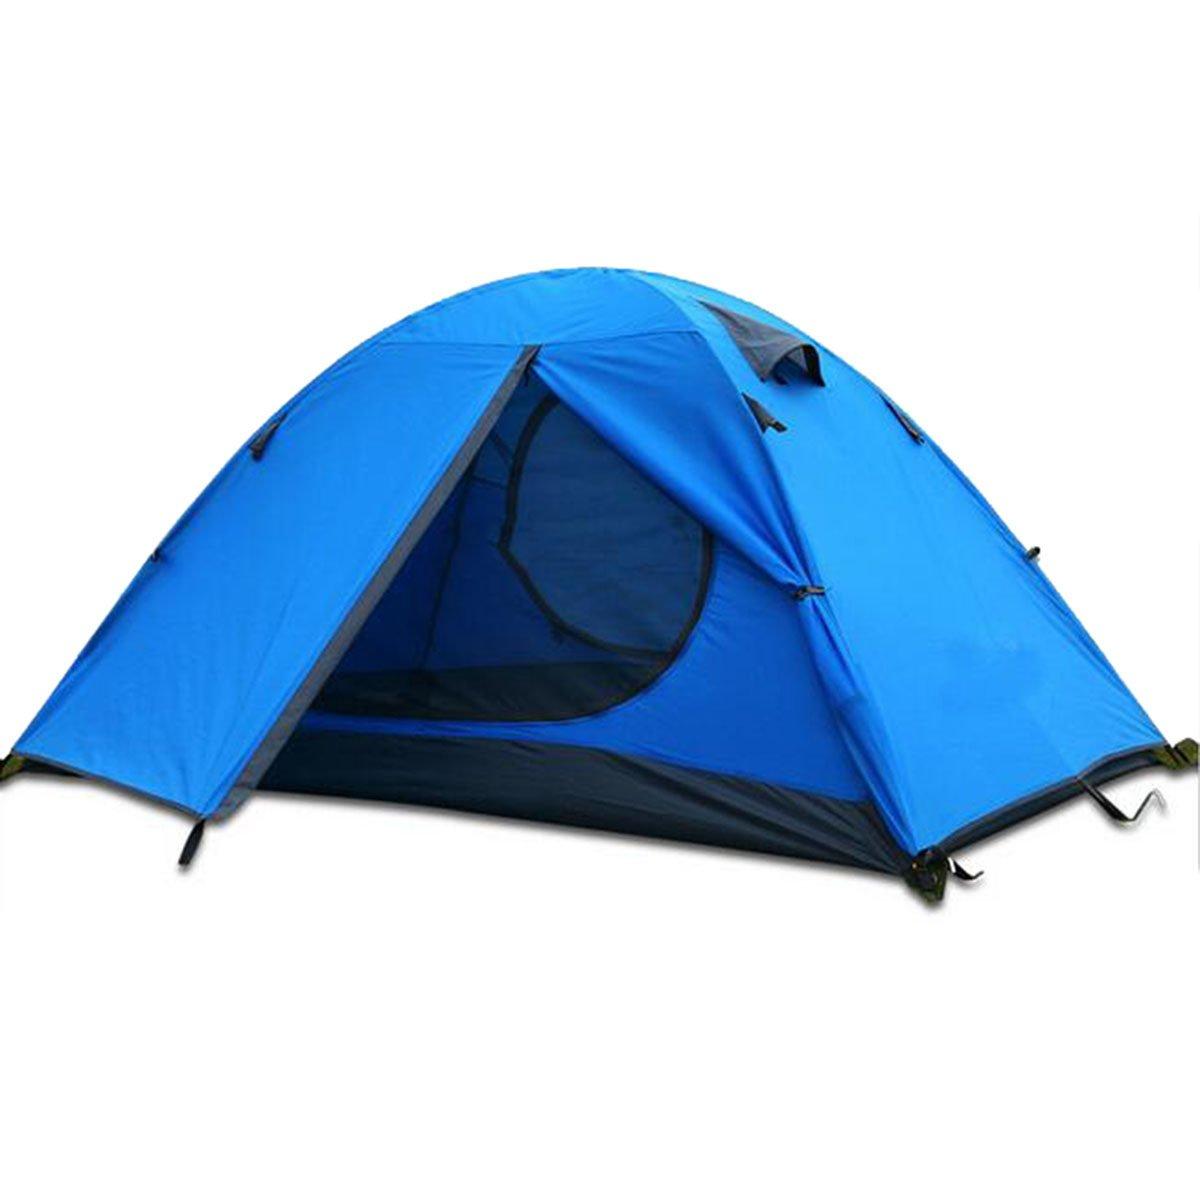 TZQ Ultra-light Im Freien Doppelpaar Doppel Camping Zelte,Blau